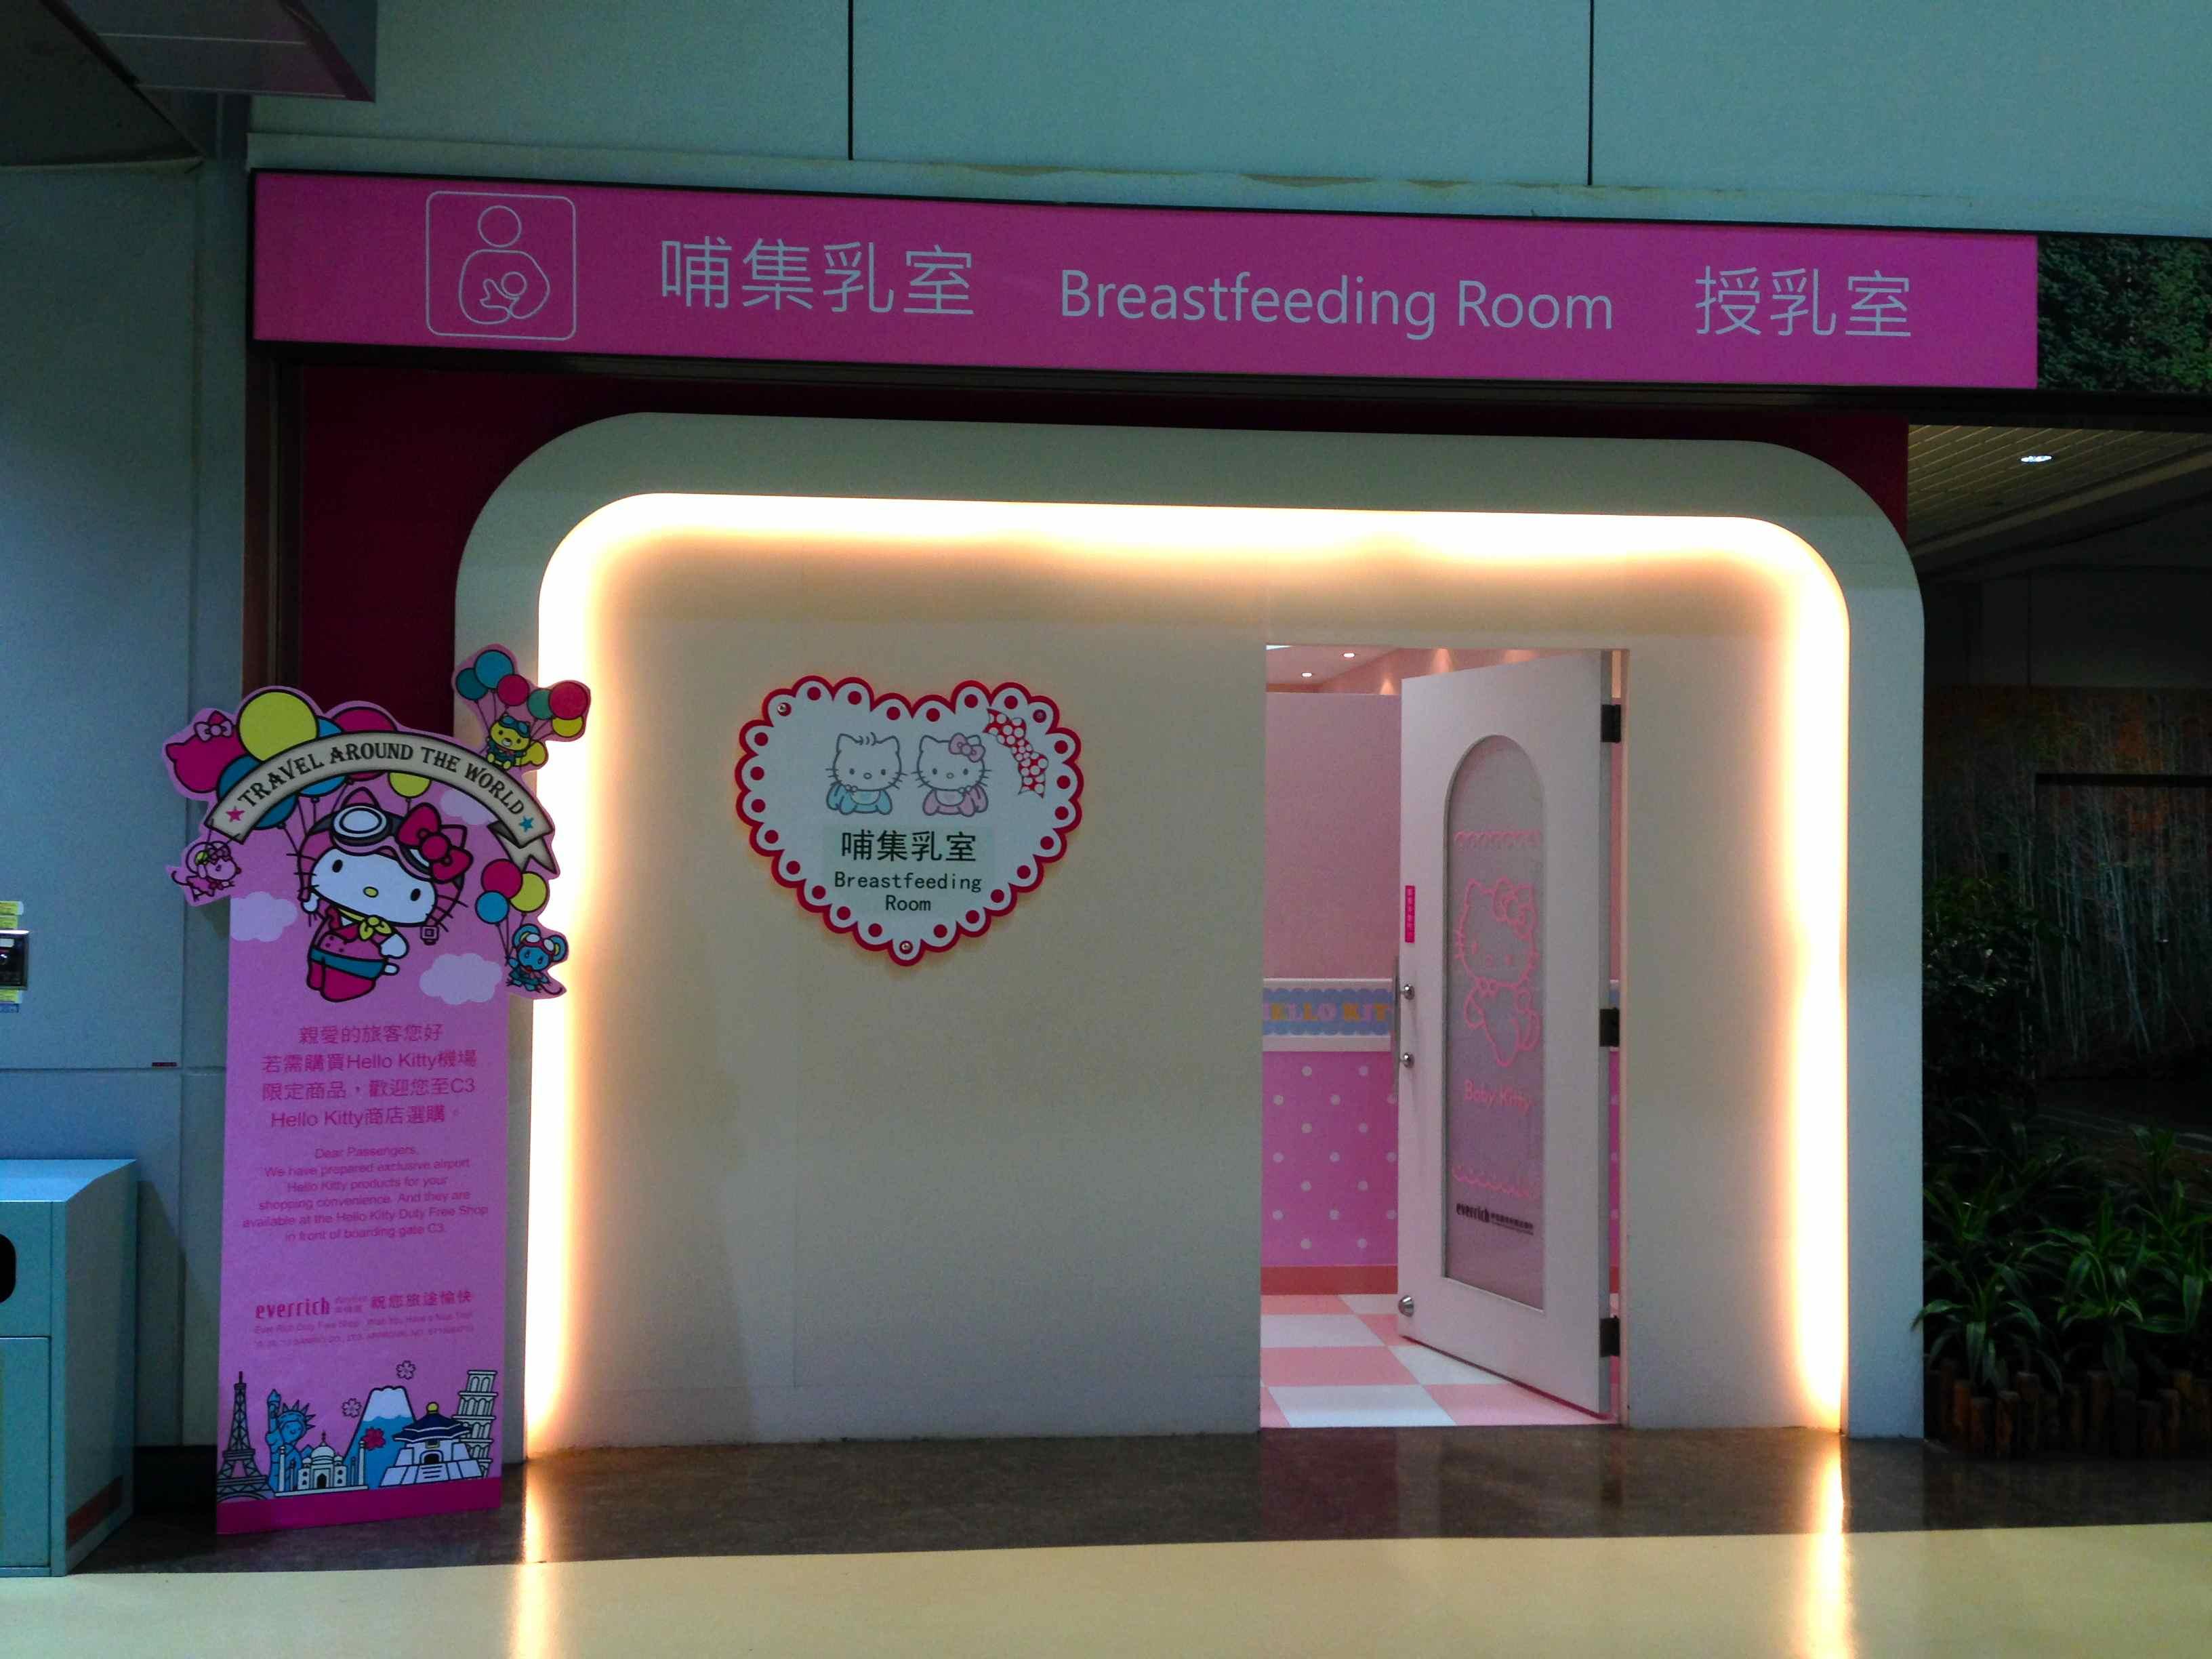 91cc0a317 My Air Hello Kitty Adventure! -